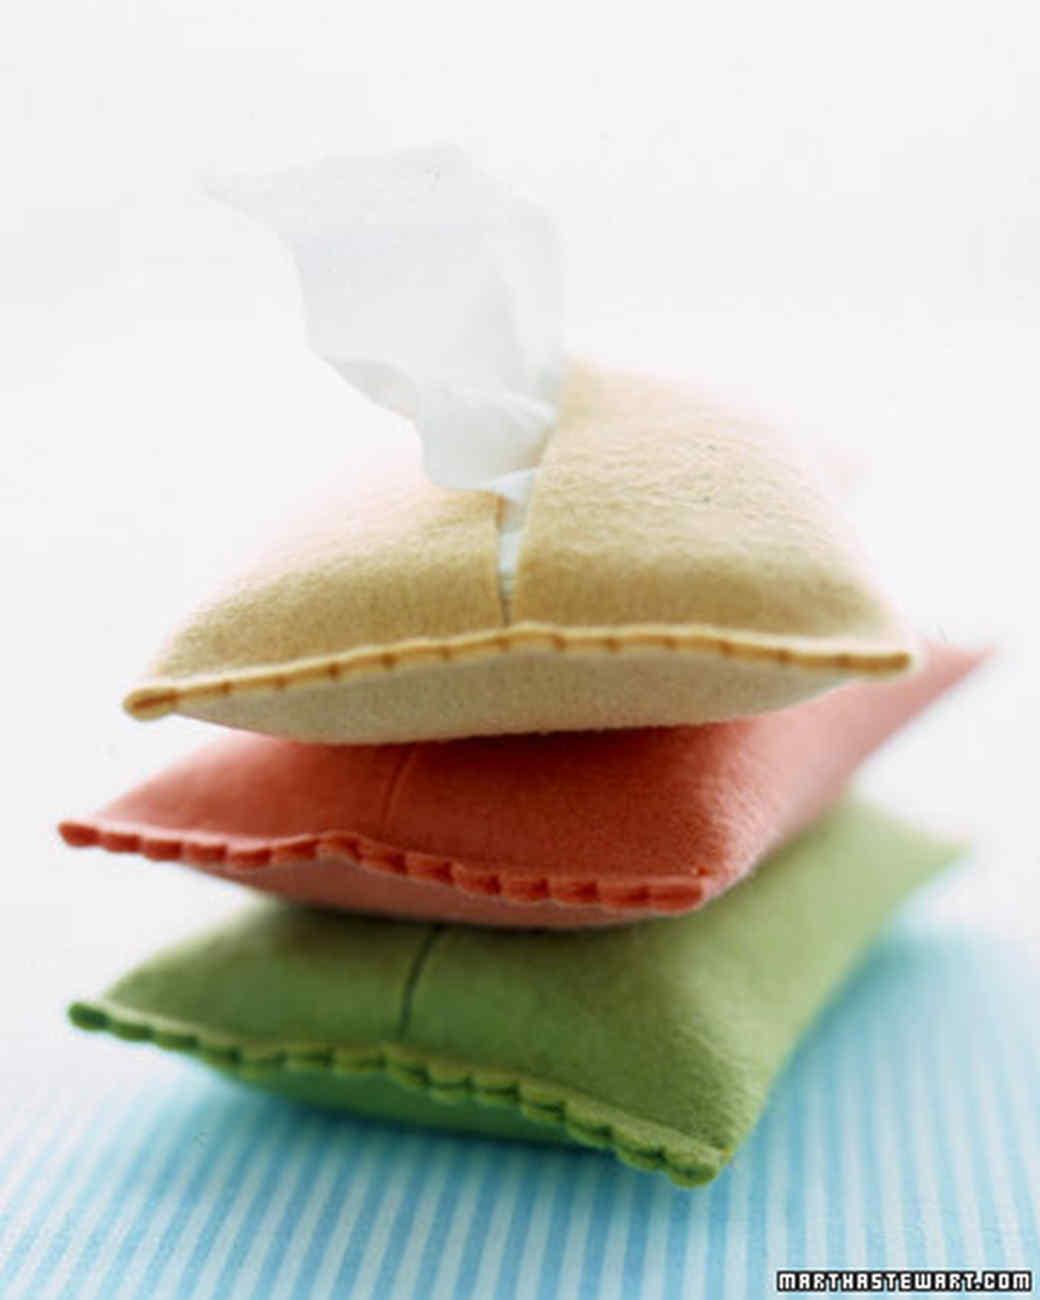 Tissue Holder From Felt | Stunningly Easy Homemade Stocking Stuffer Ideas